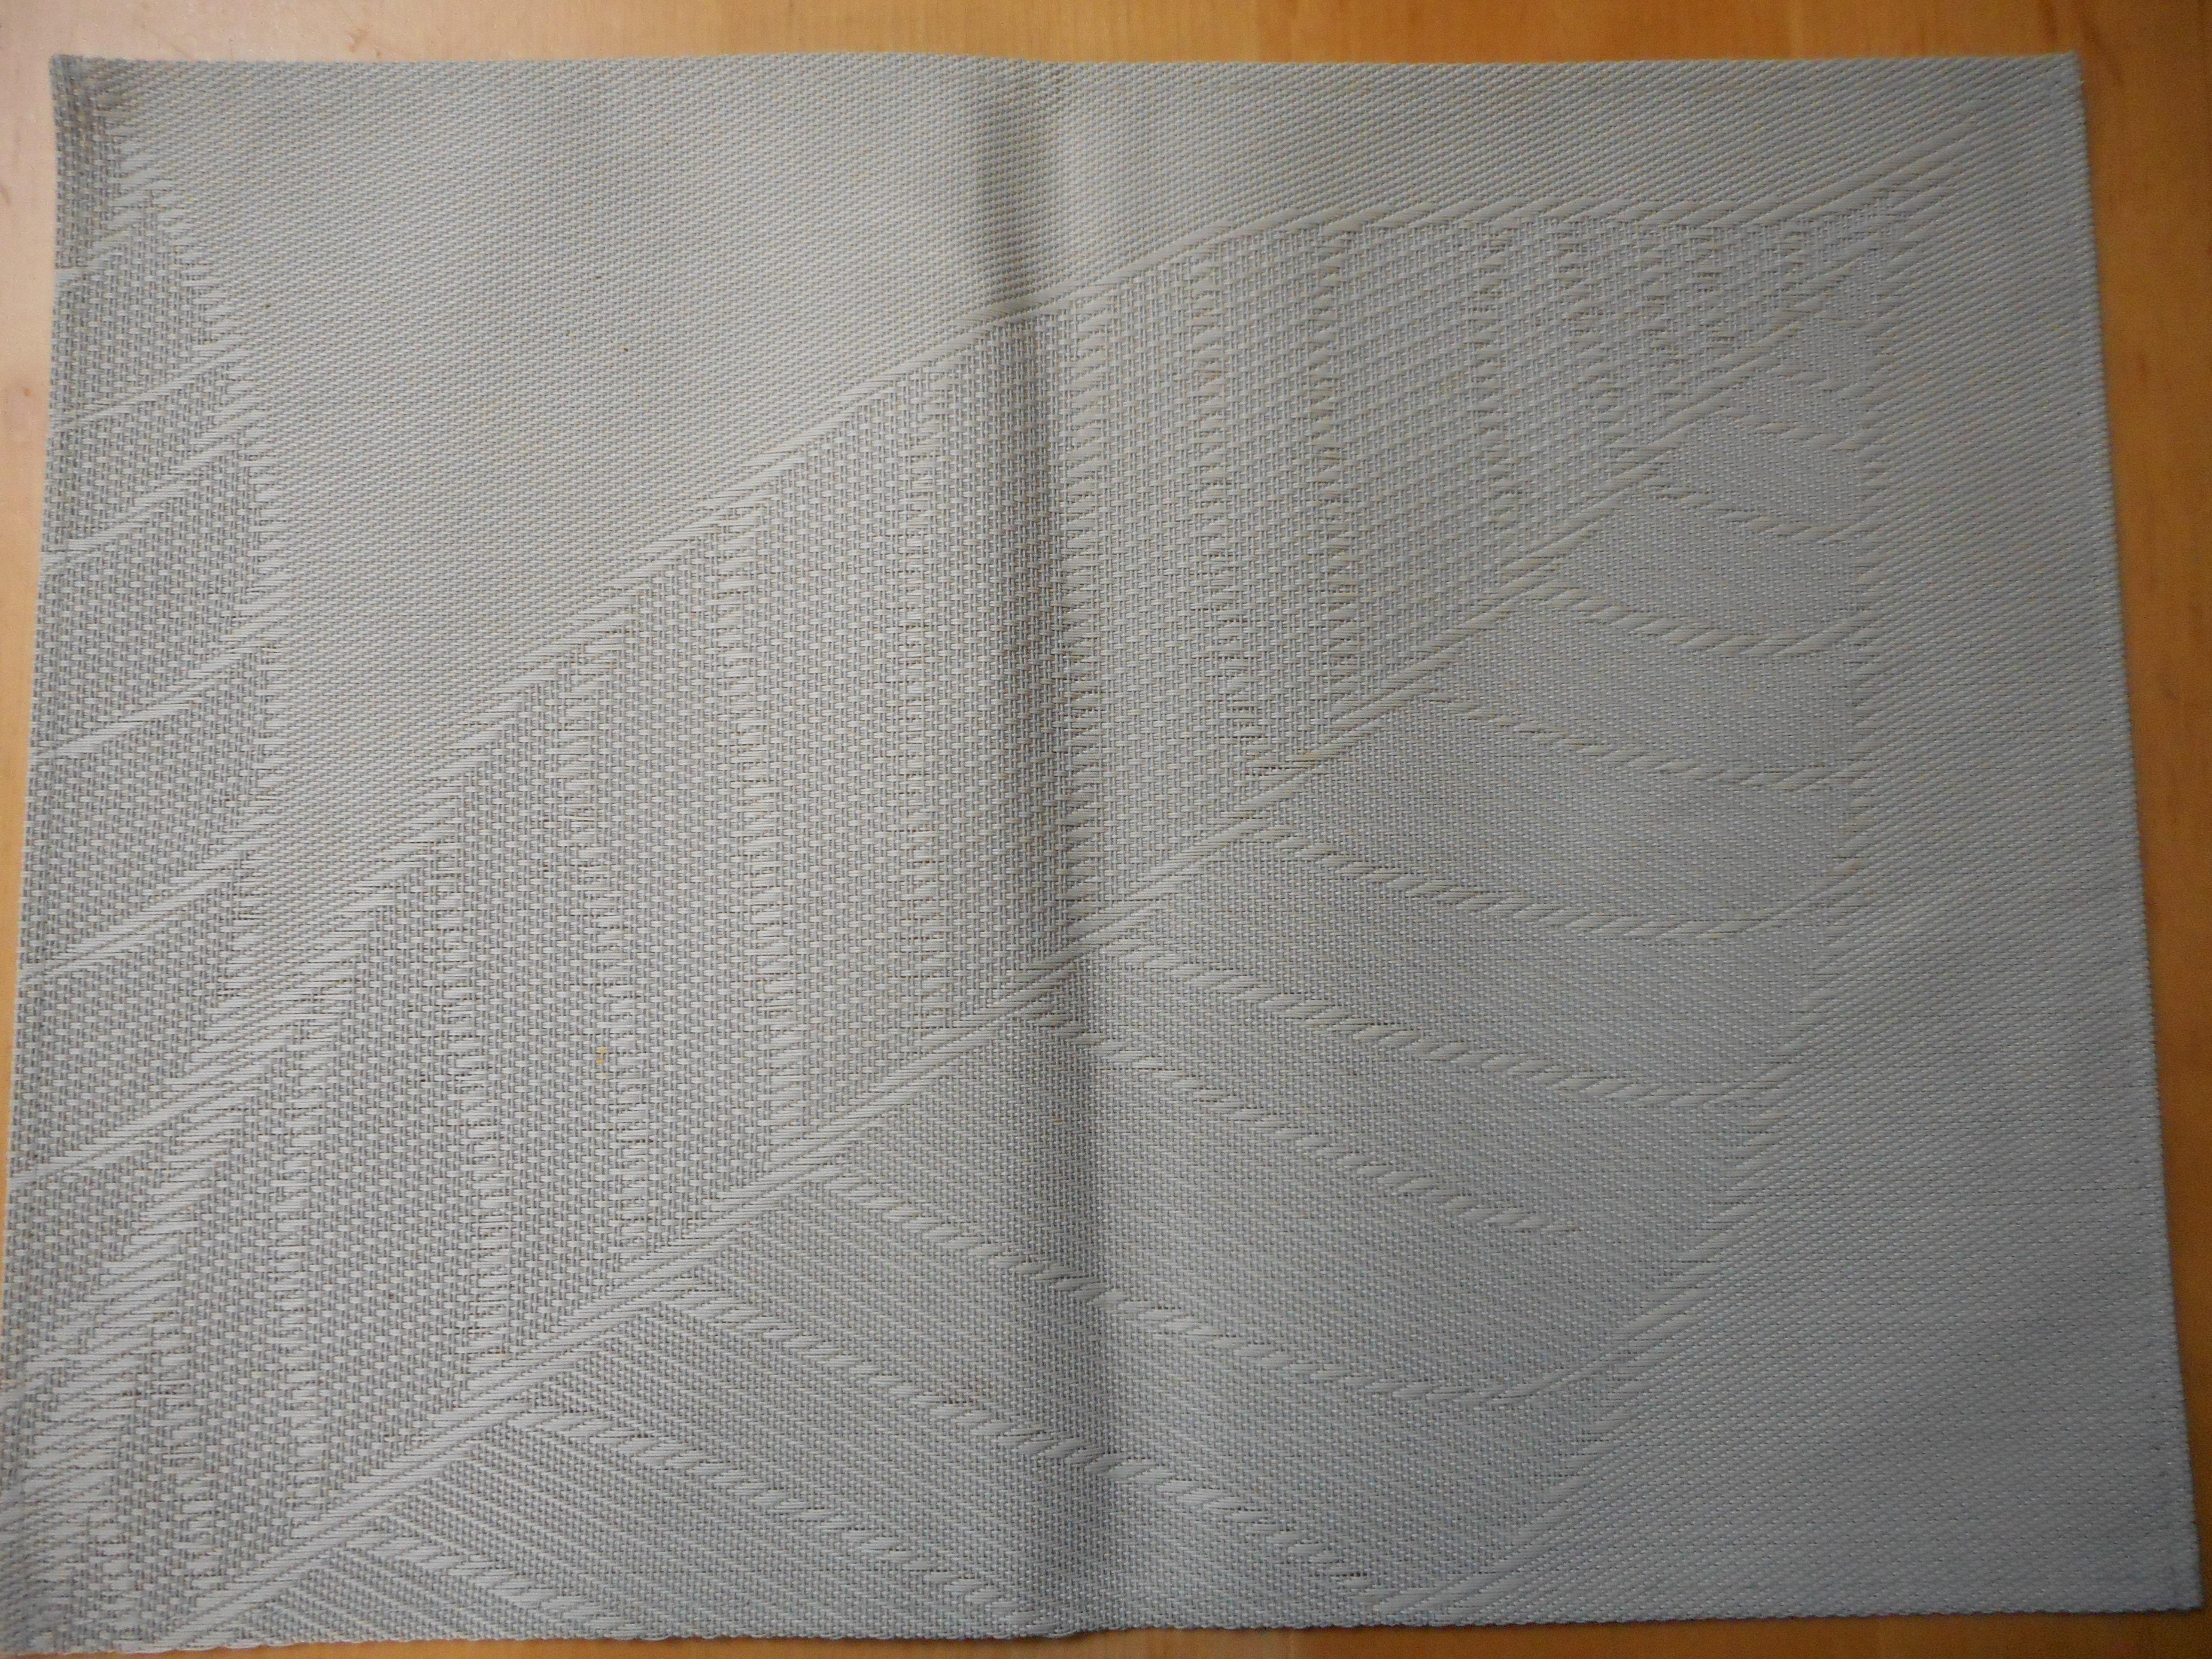 troc de troc set de table gris image 1